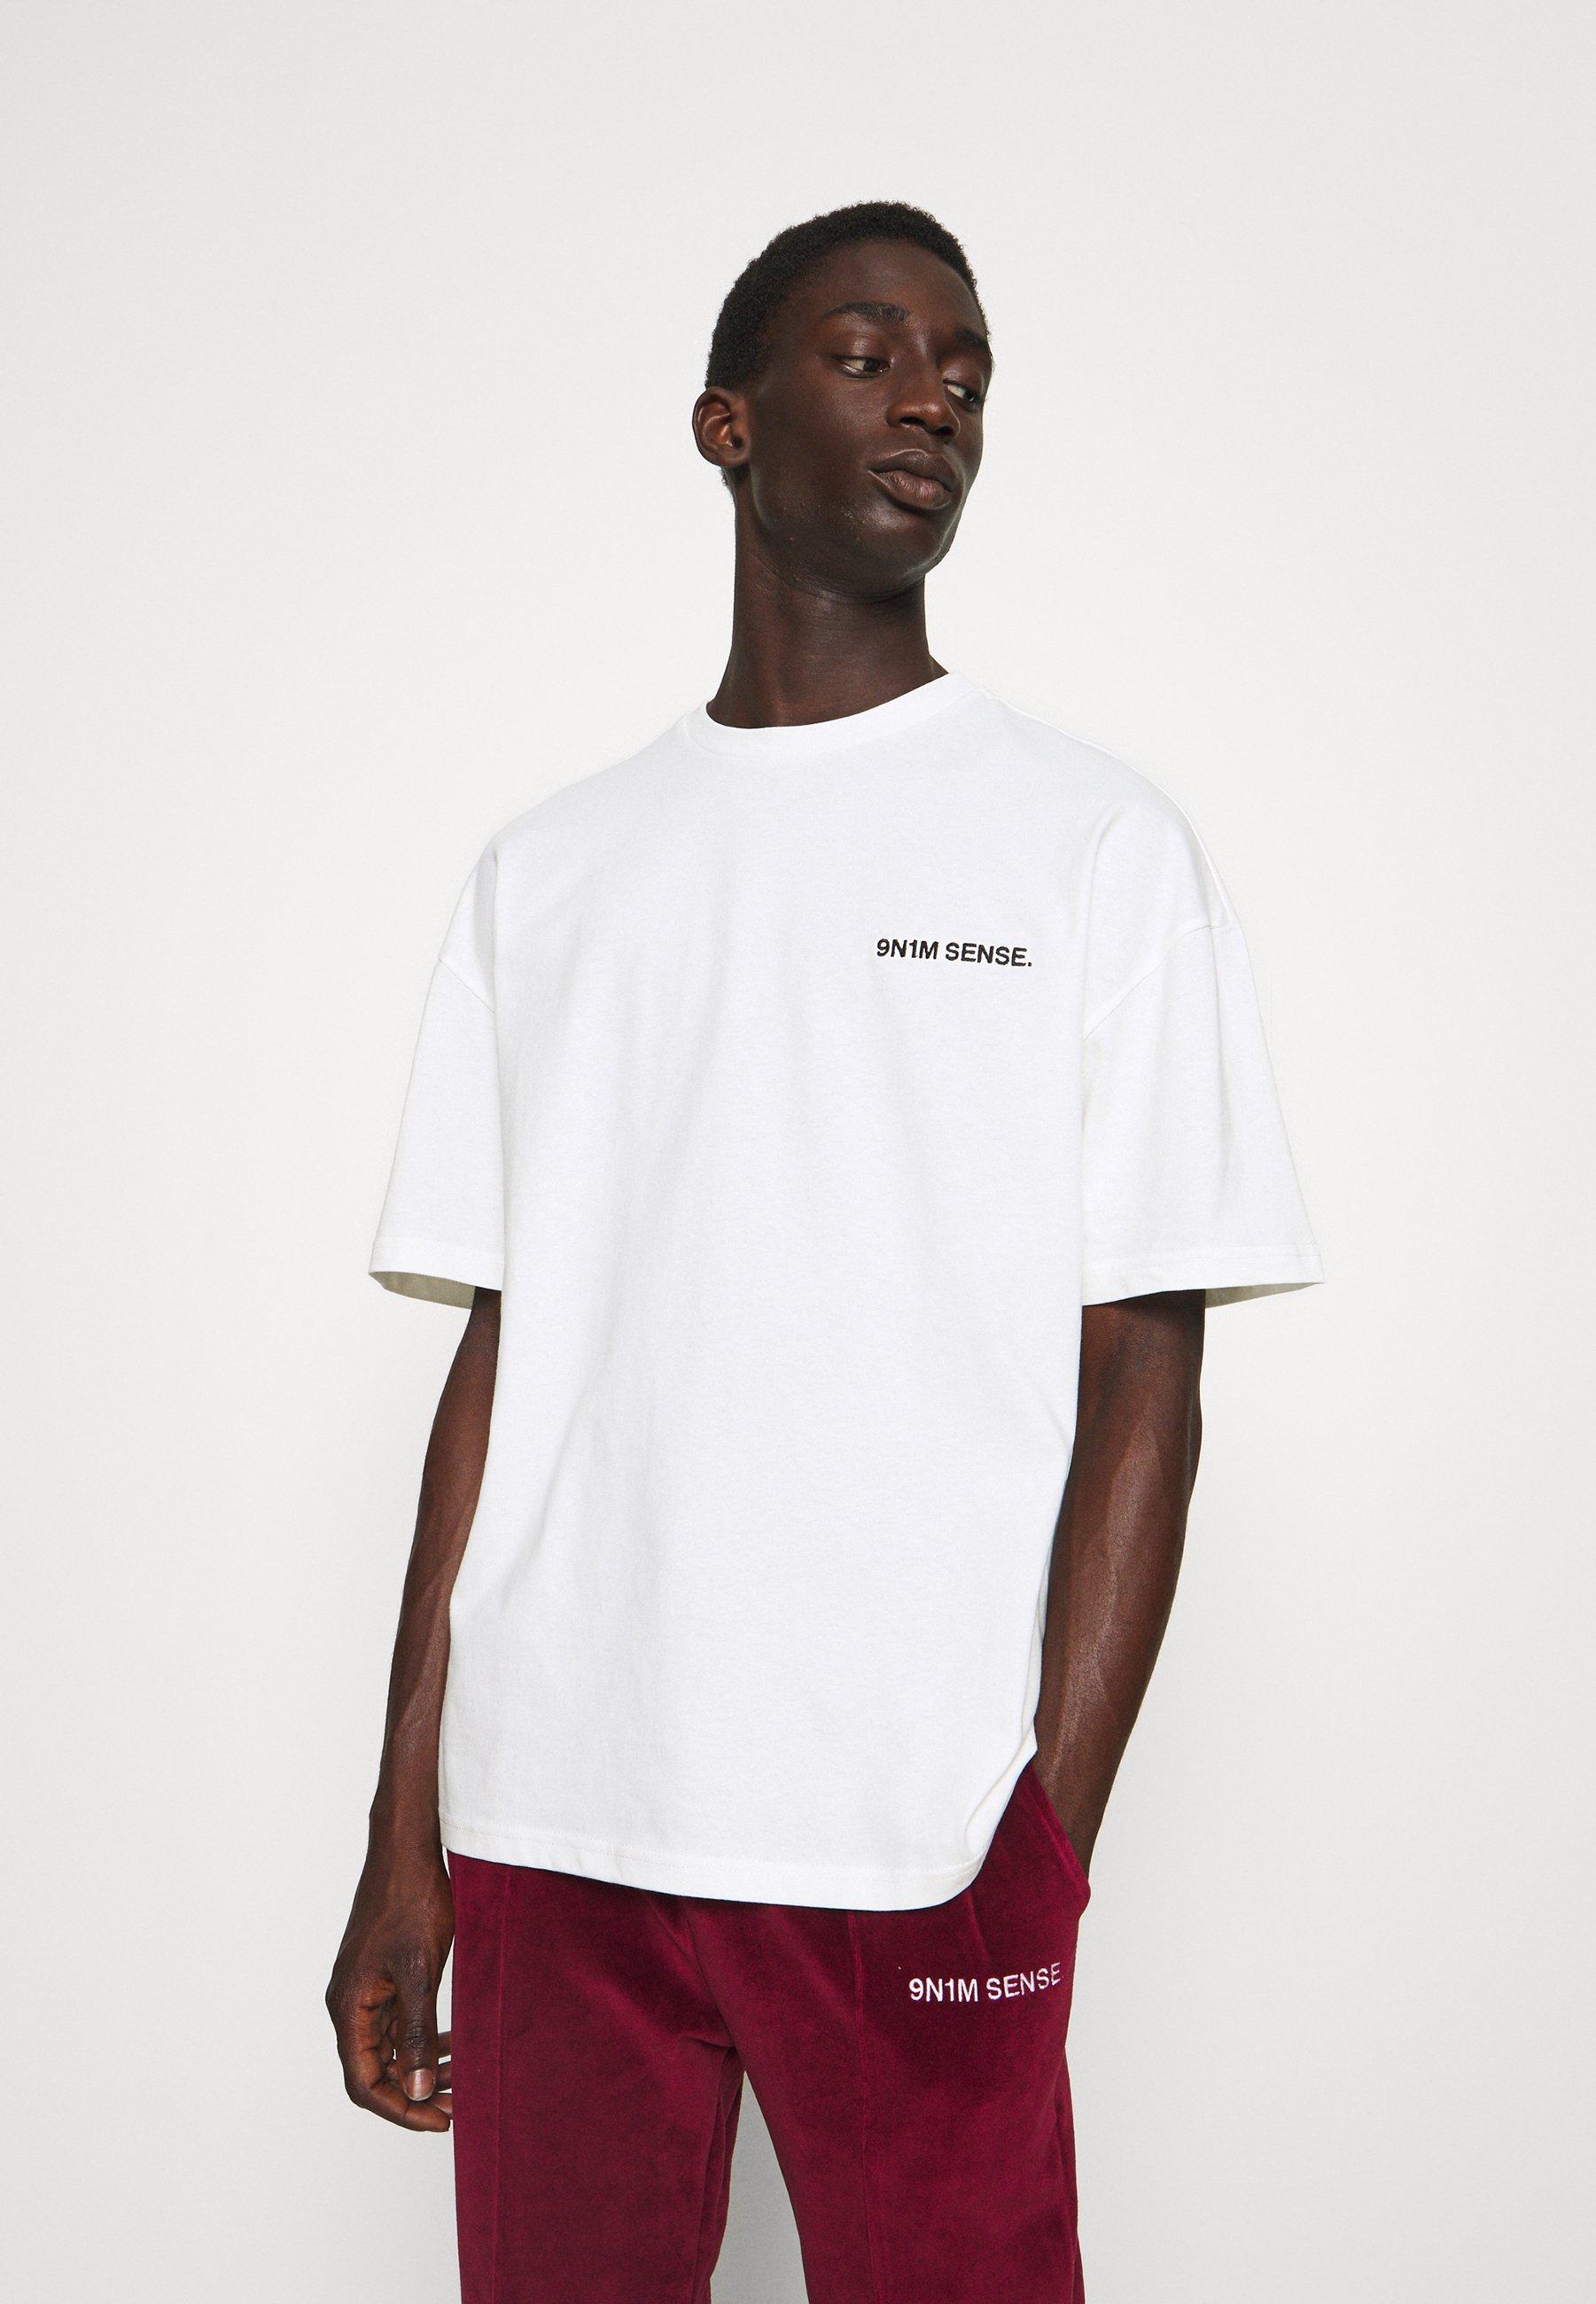 Femme LOGO T-SHIRT UNISEX - T-shirt imprimé